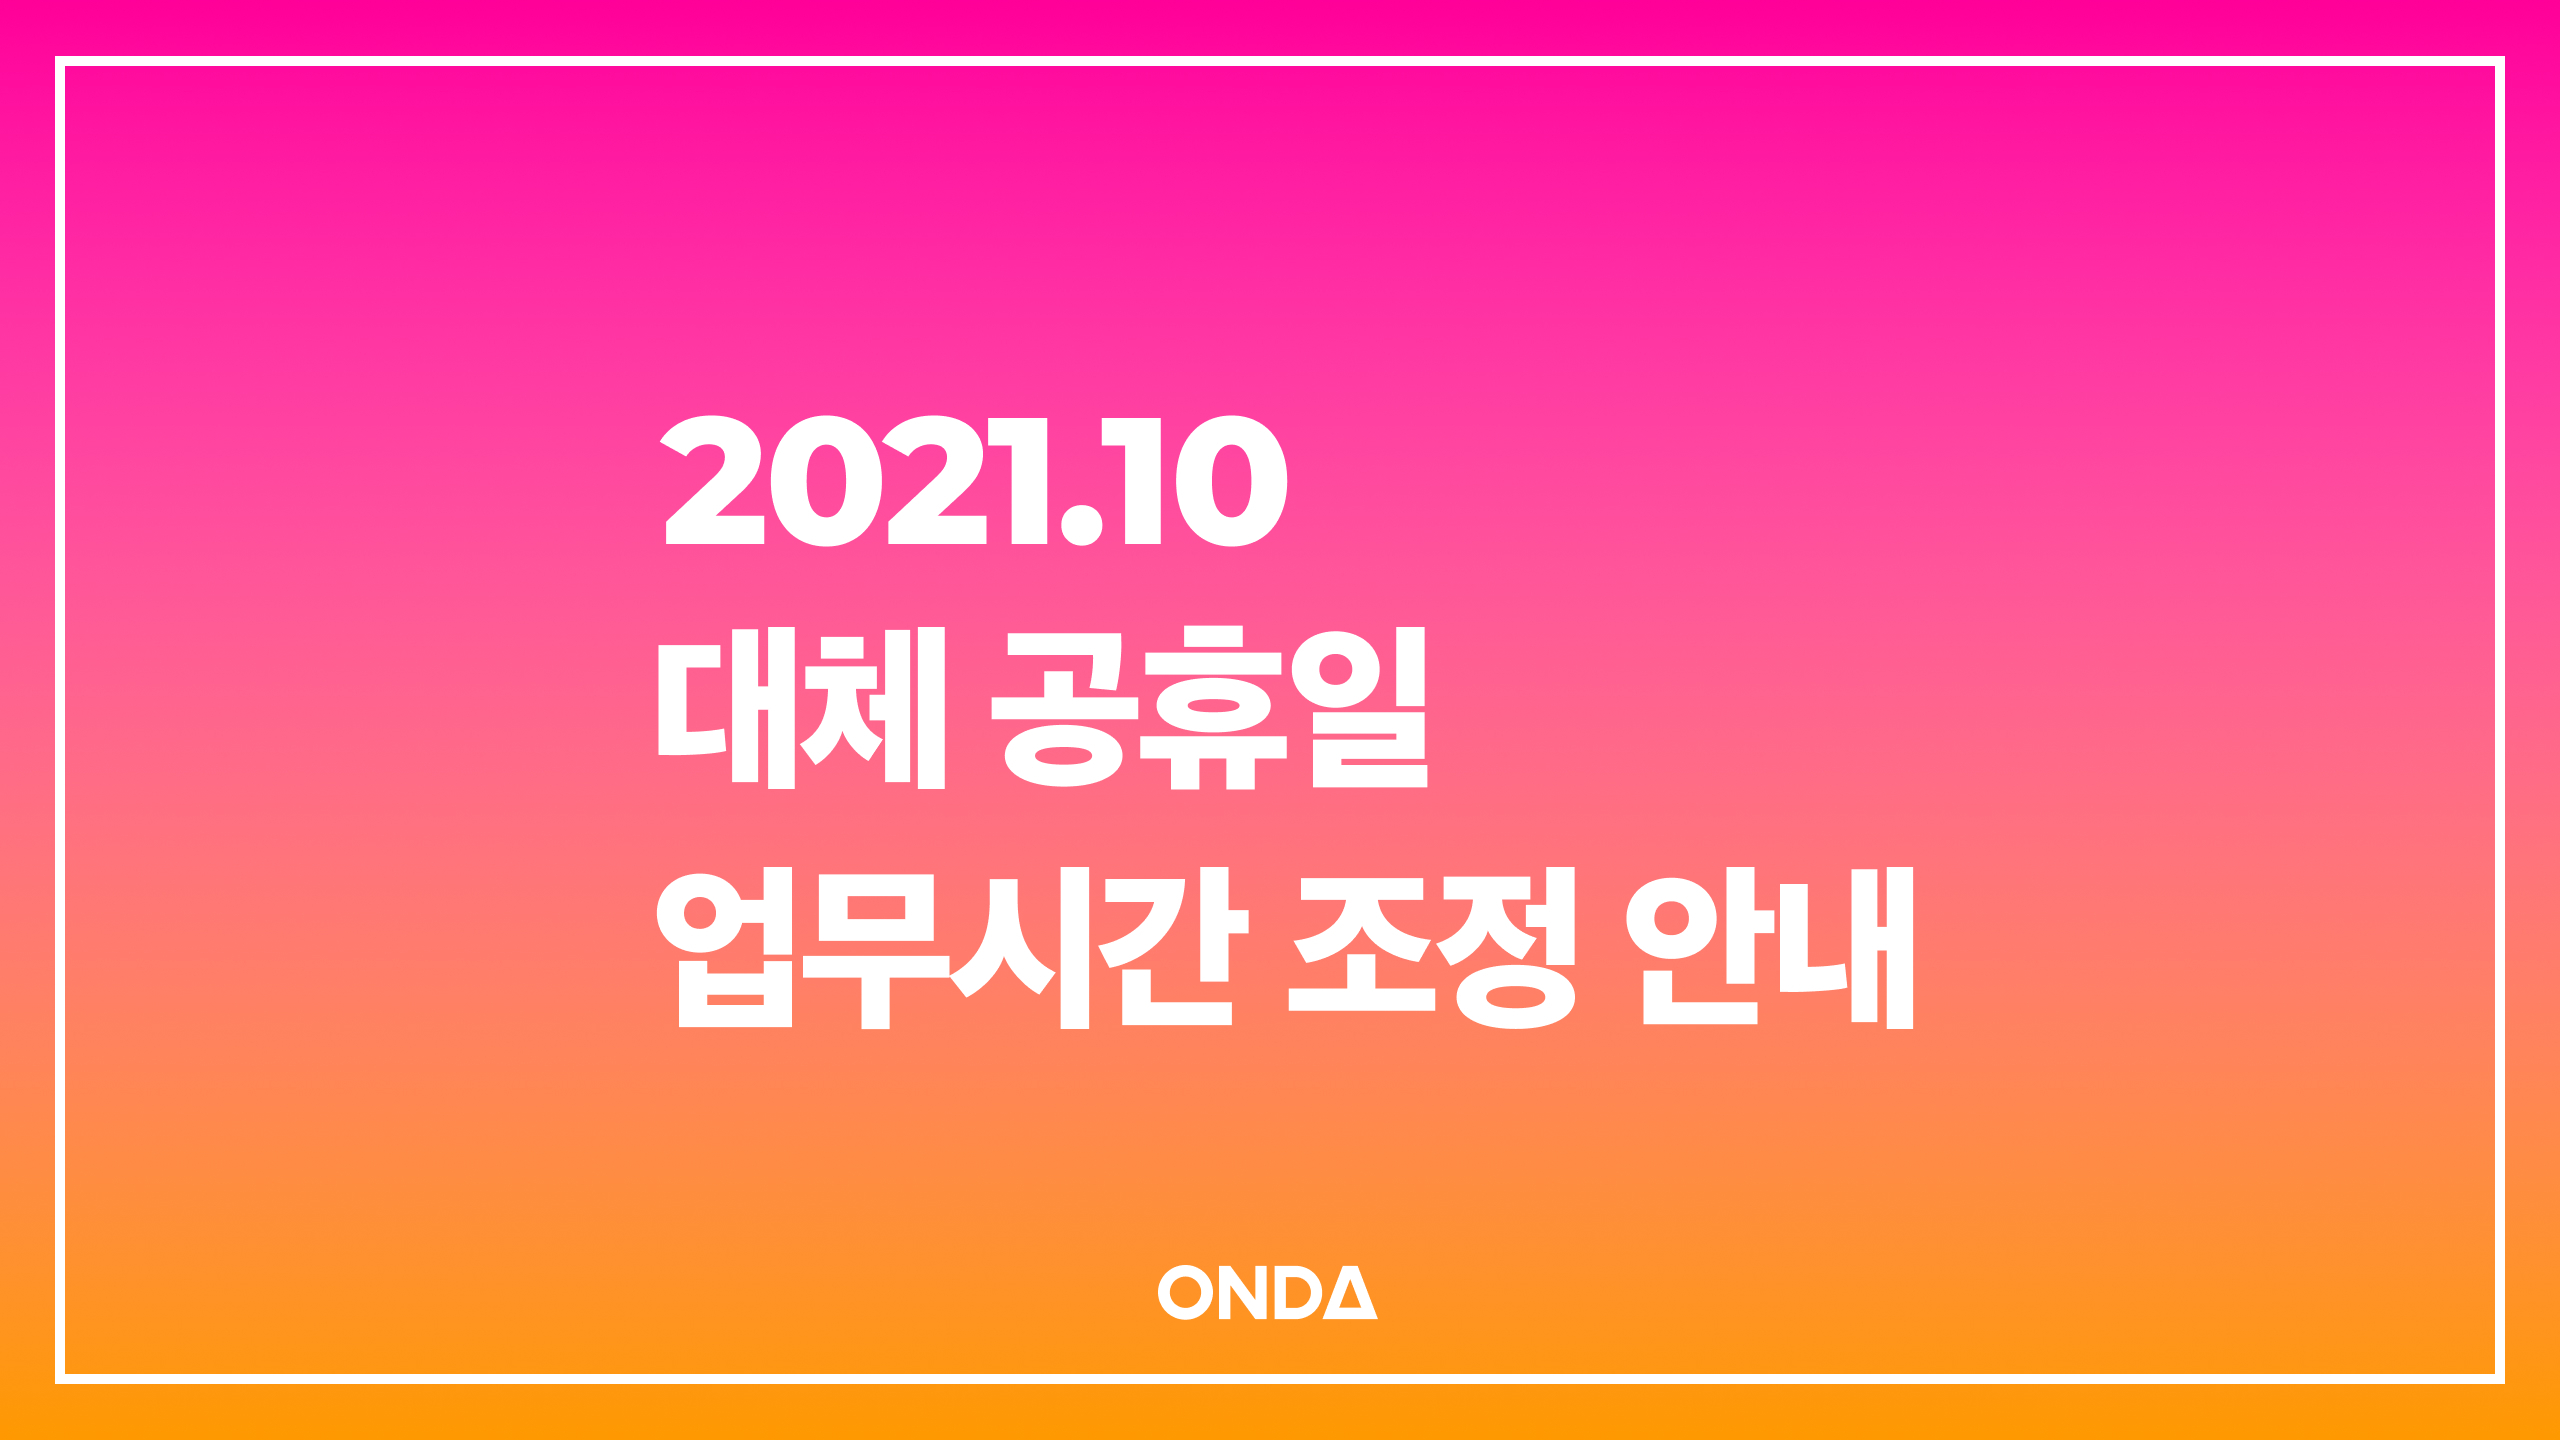 [공지] ONDA 2021년 10월 대체공휴일 업무시간 조정 안내